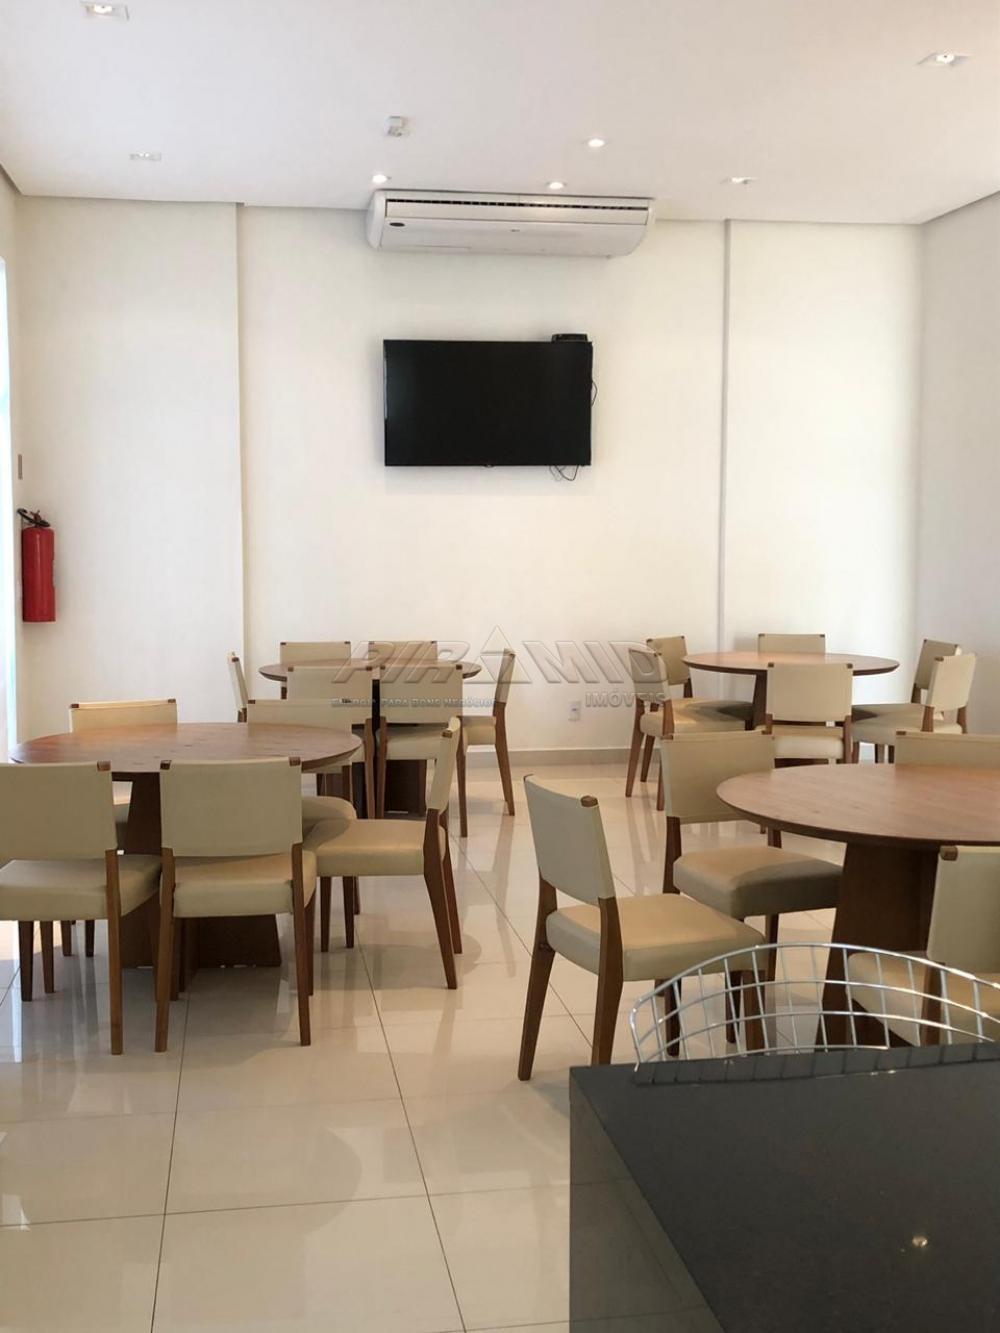 Comprar Apartamento / Padrão em Ribeirão Preto apenas R$ 480.000,00 - Foto 14